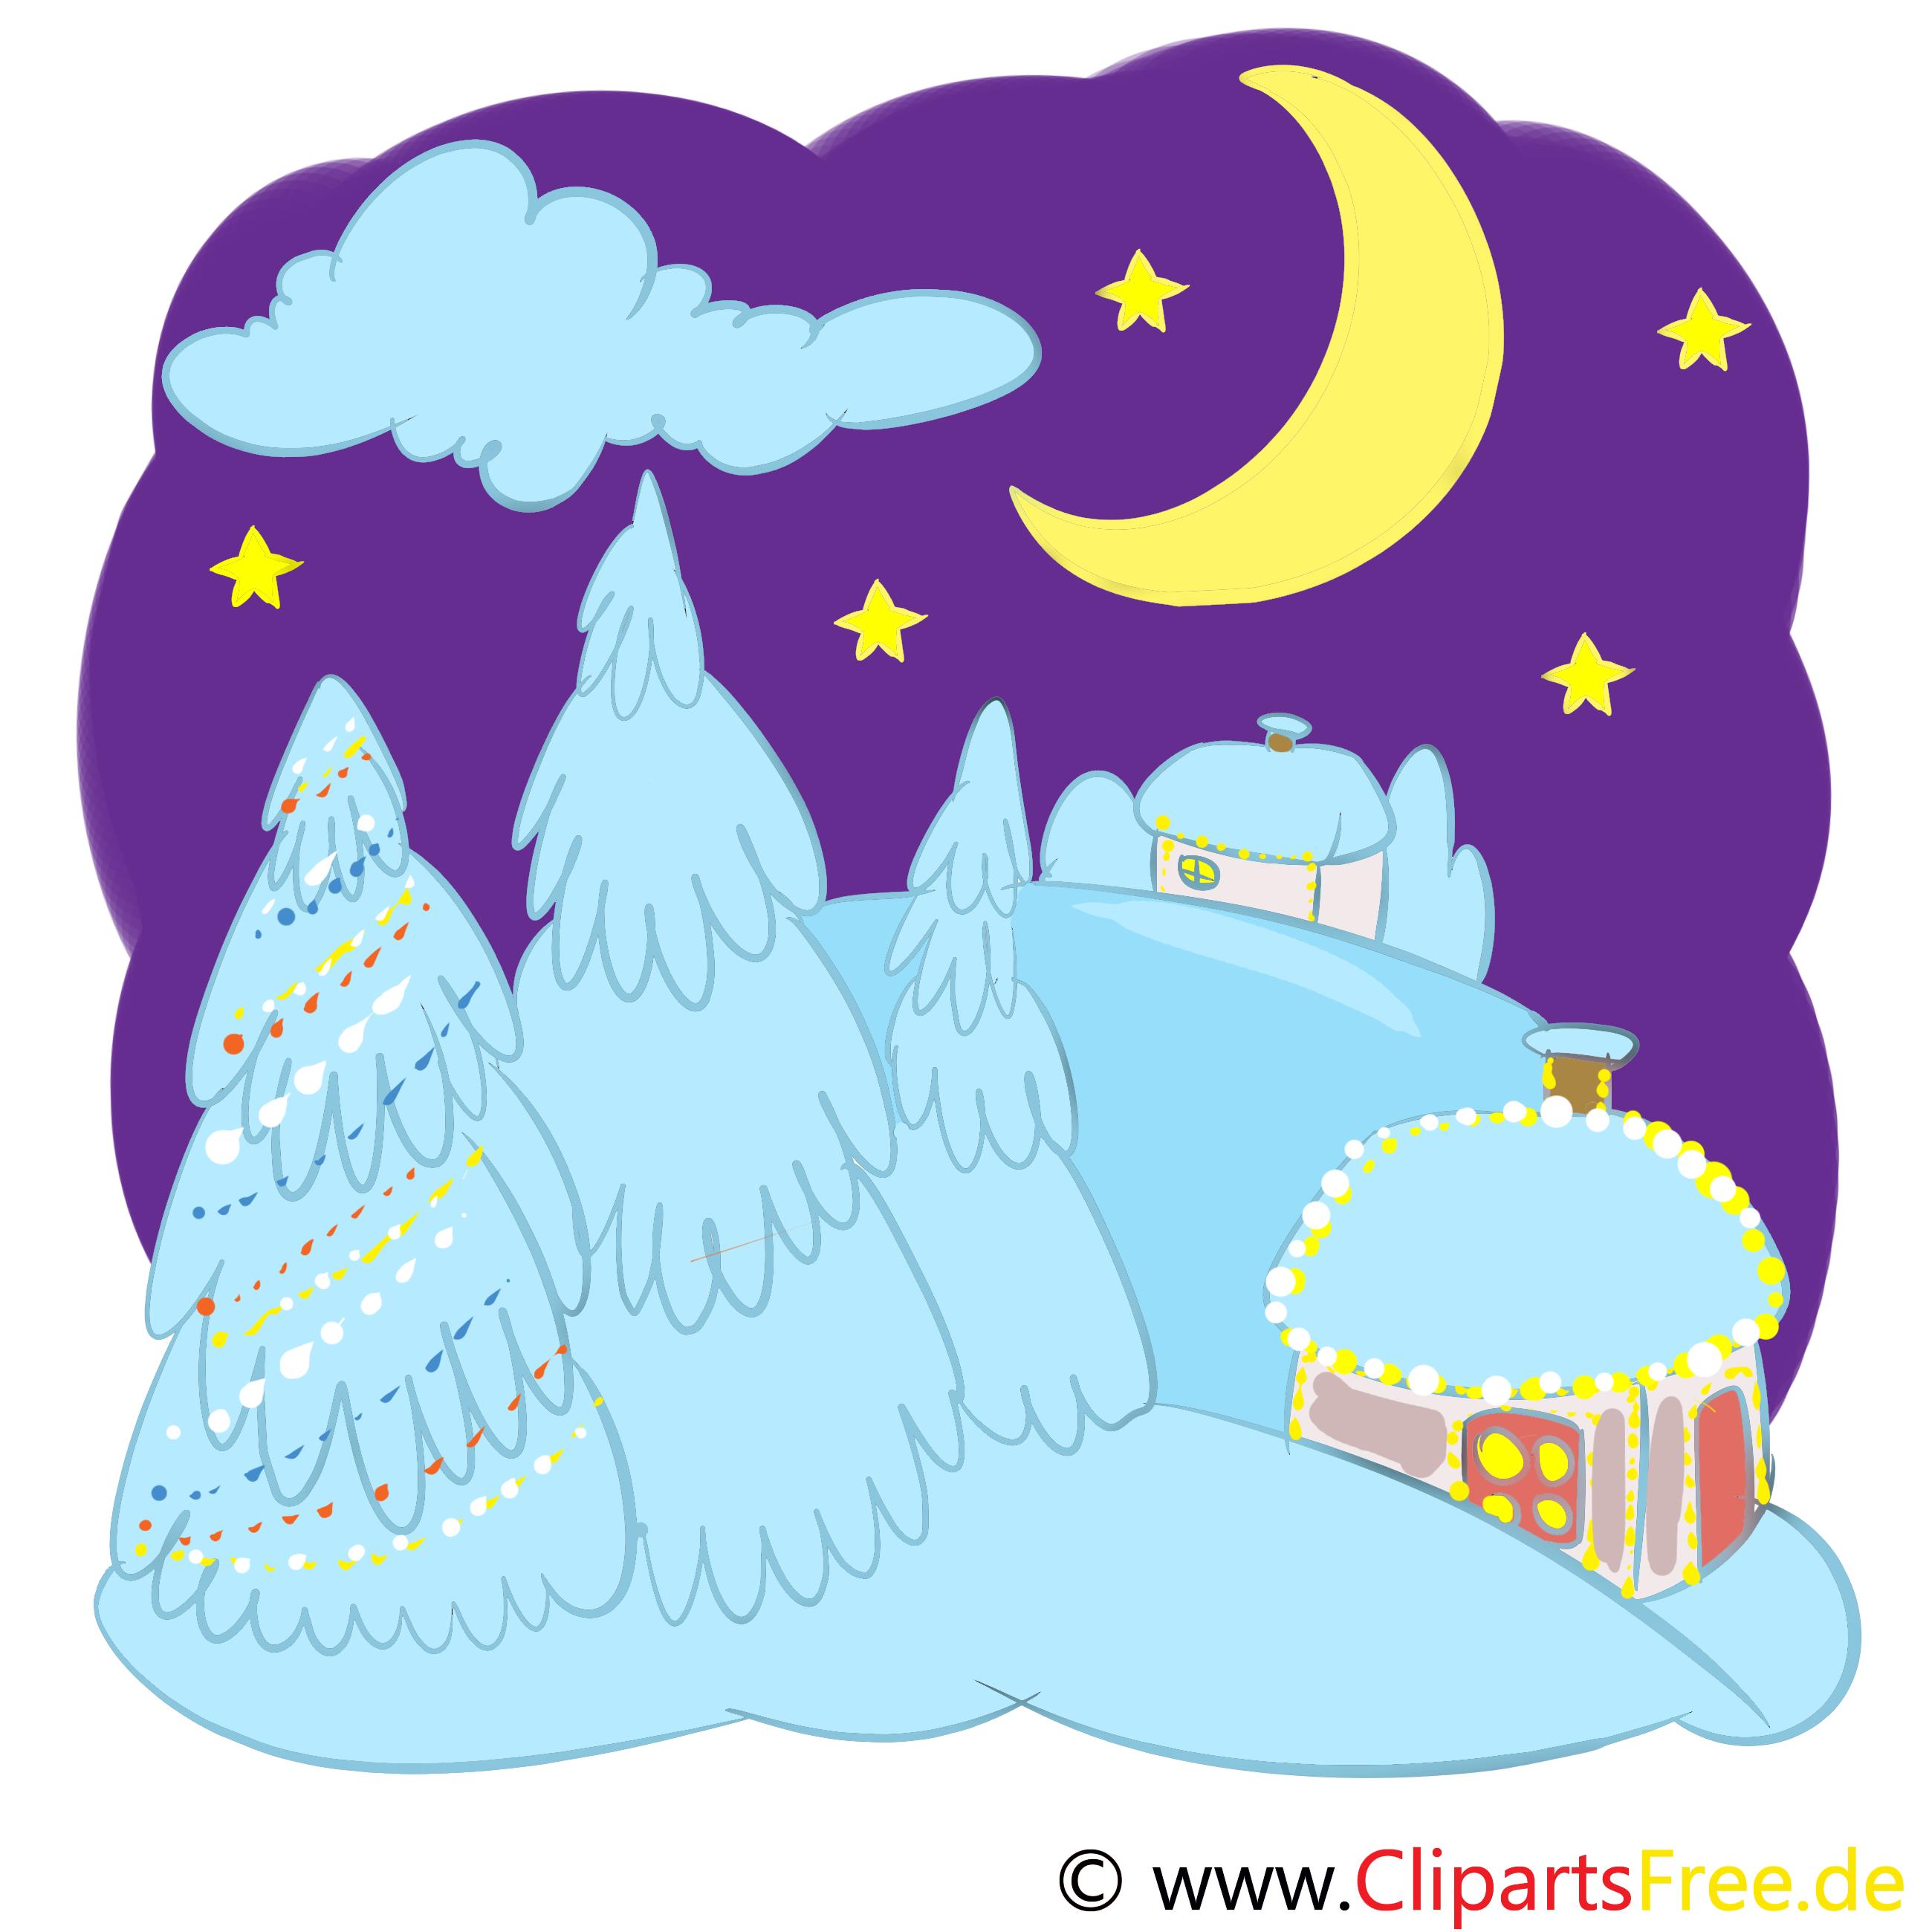 Weihnachtsnacht, Weihnachten Nacht Illustration, Bild, Grafik, Clipart